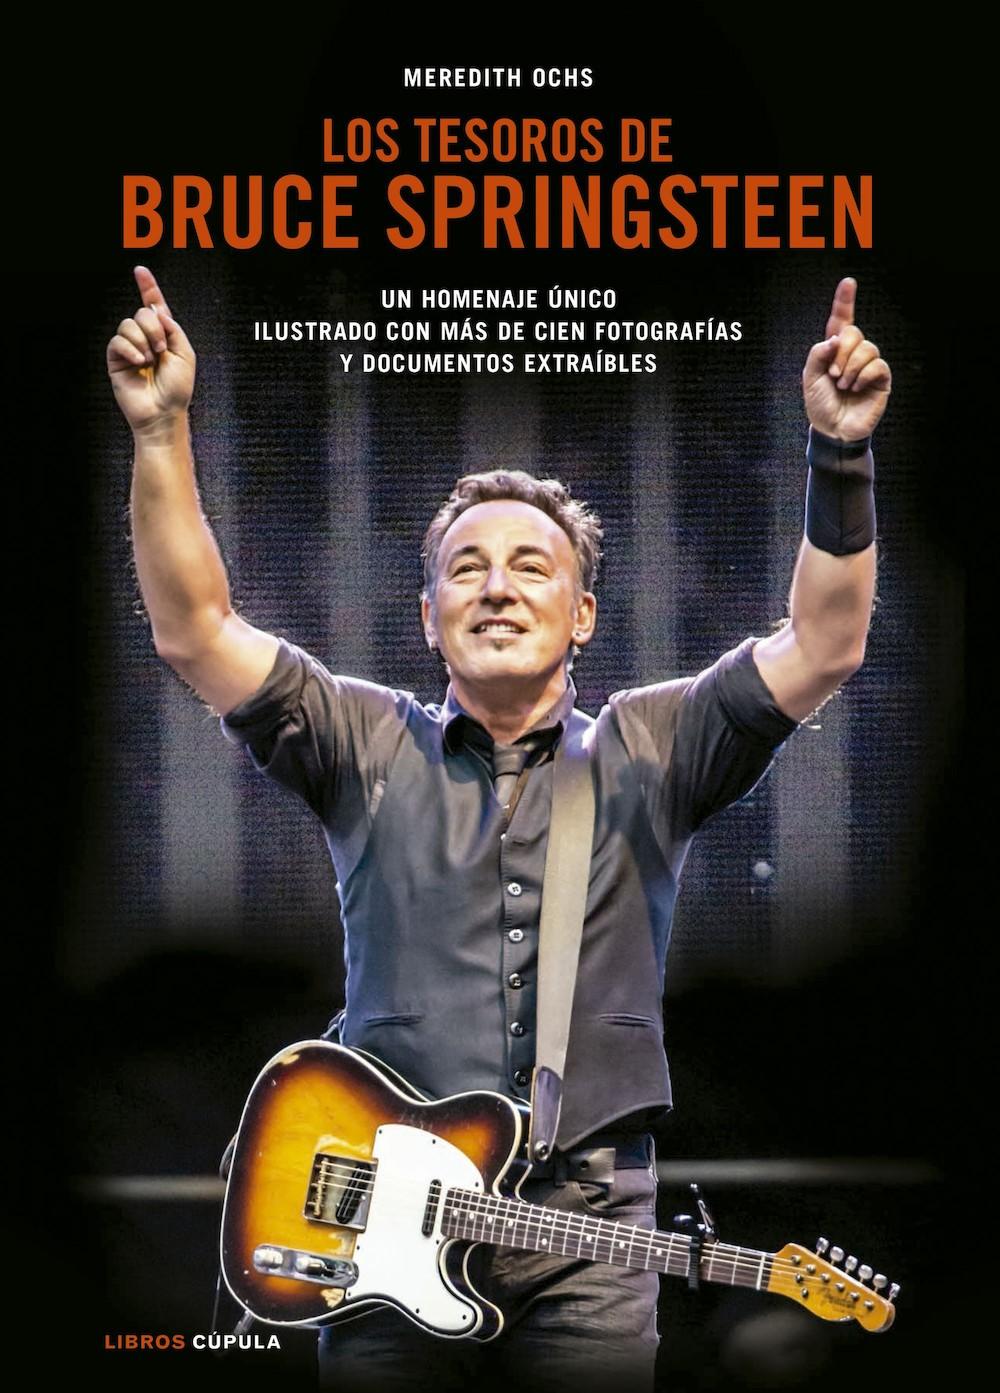 ... (http://elpolemista.blogspot.com.es/2012/05/bruce-springsteen-en-espana- de-jordi.html) y el maravilloso Outlaw Pete de Bruce Springsteen y Frank  Caruso ...